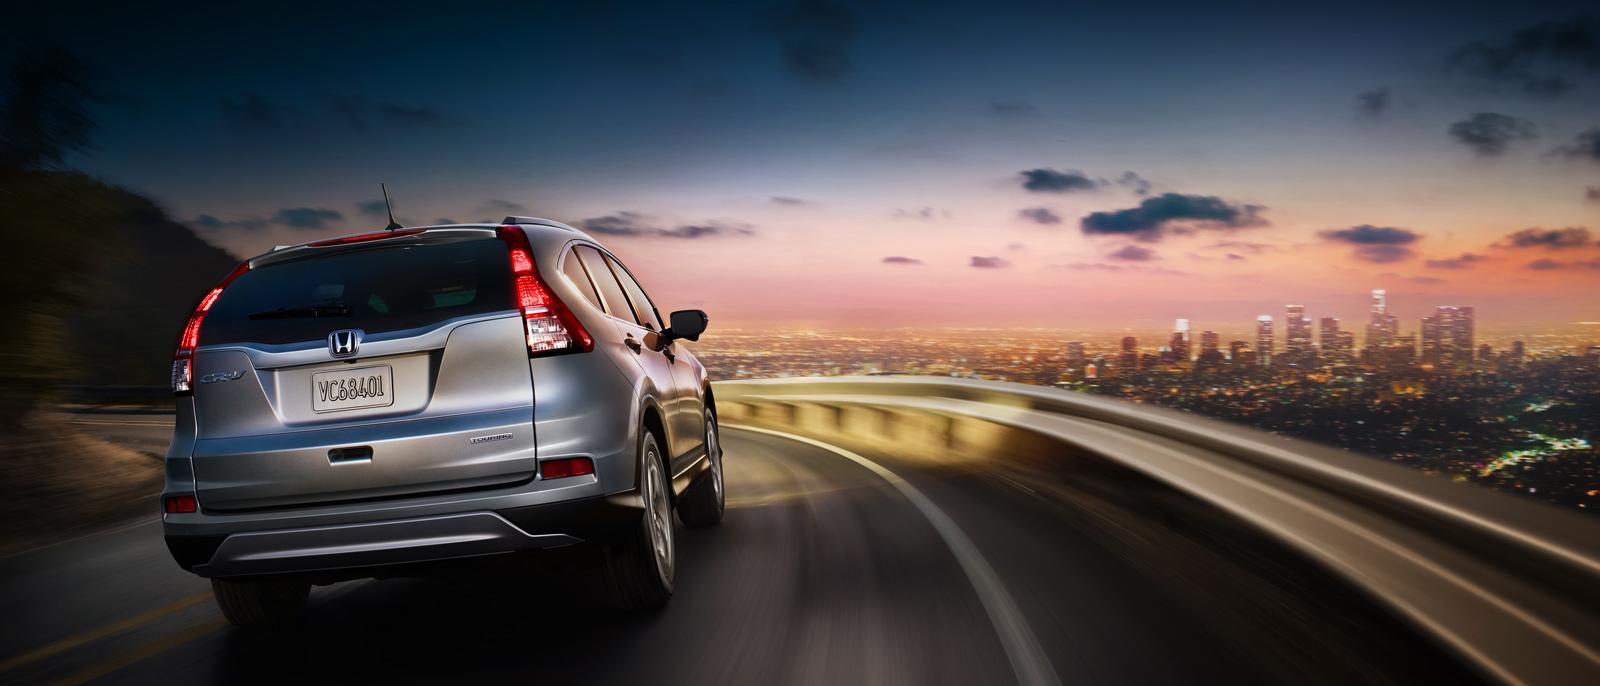 2015 Honda CR-V at dusk